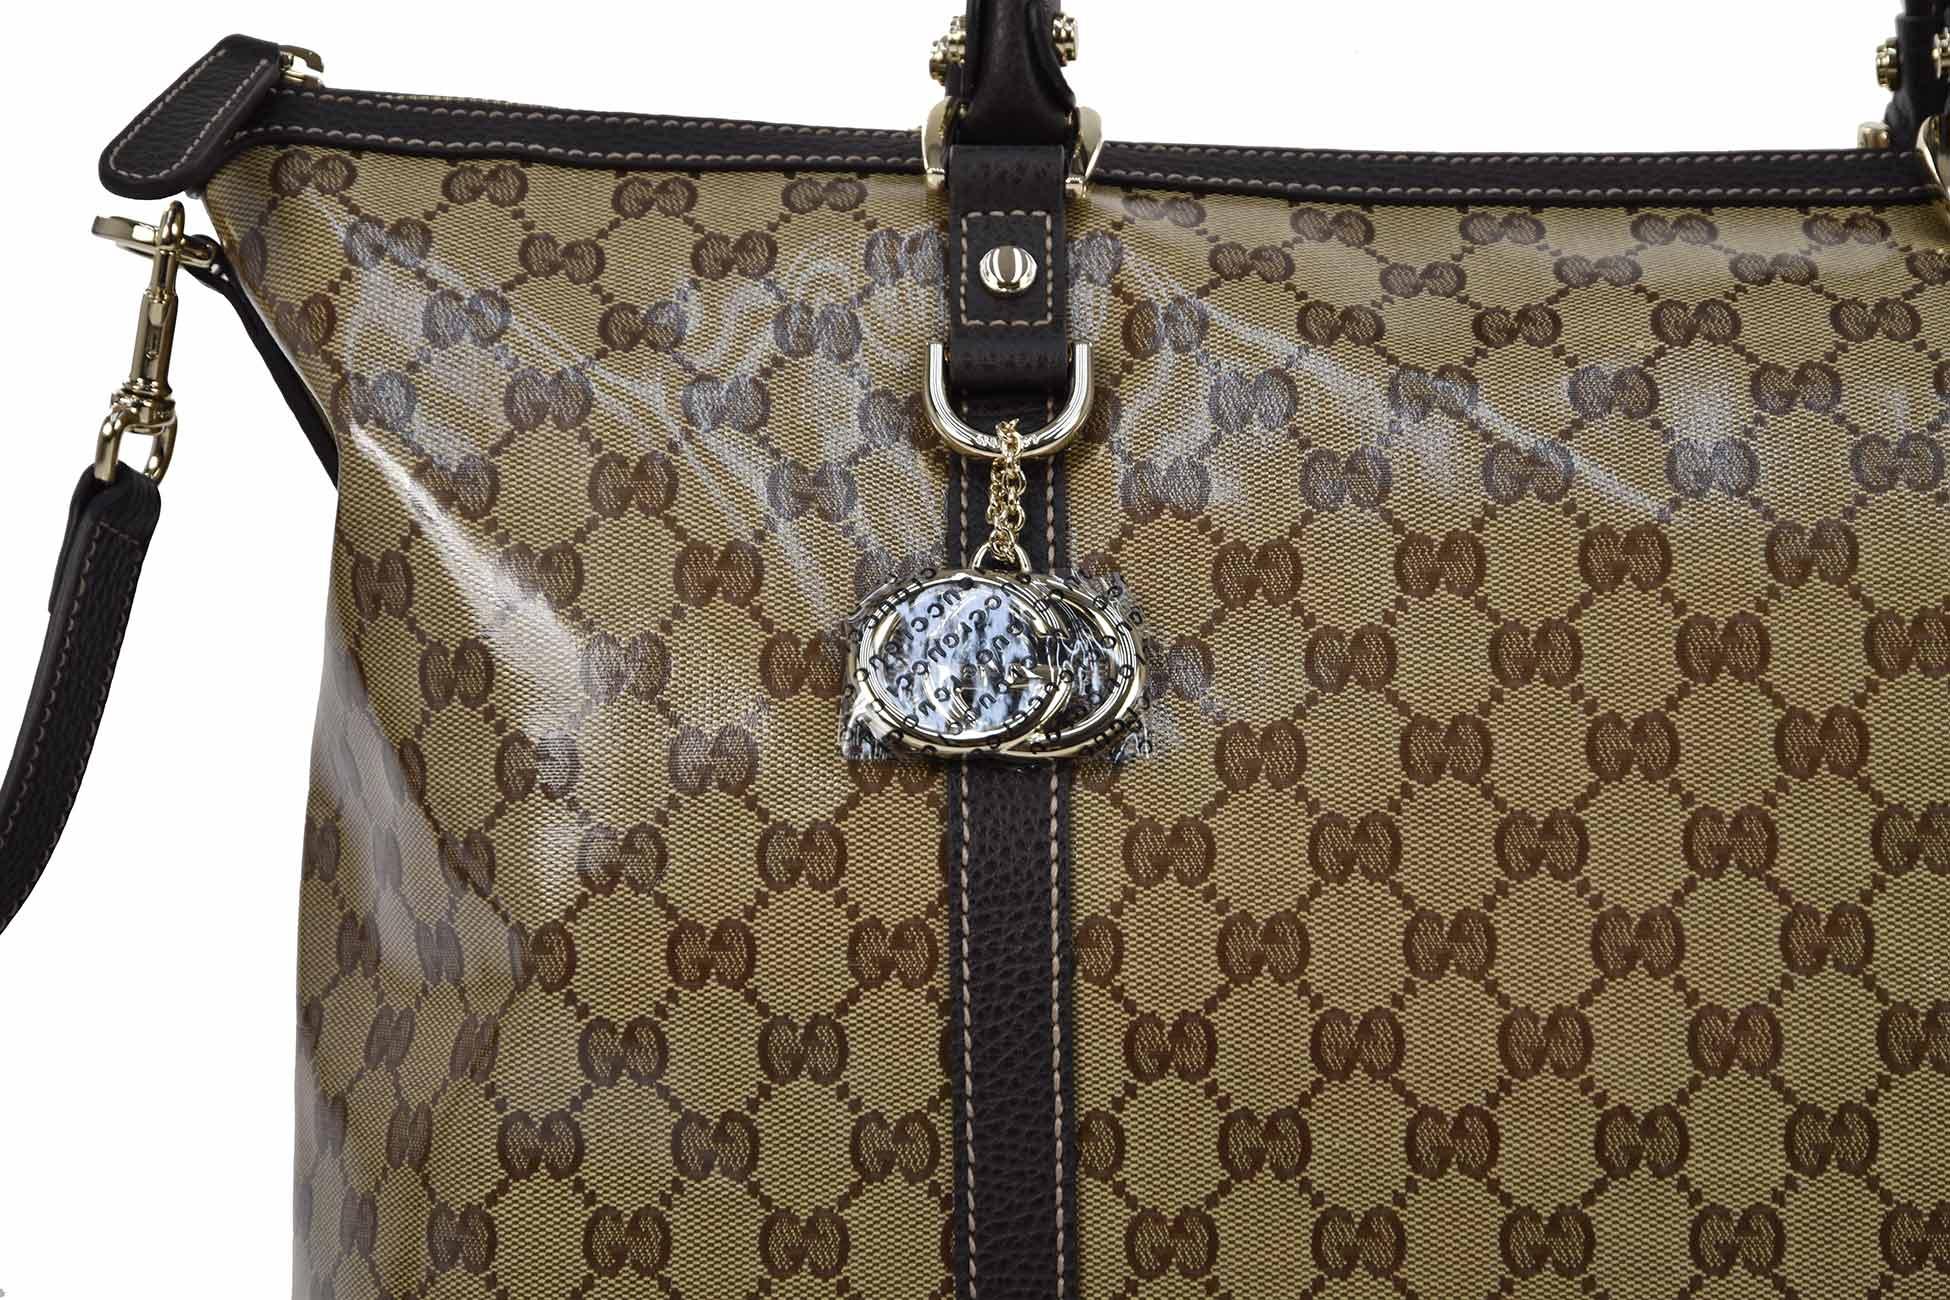 miglior sito web dd5b9 1c9a7 Borsa Gucci a prezzo scontato solo per pochi giorni su Ebay ...